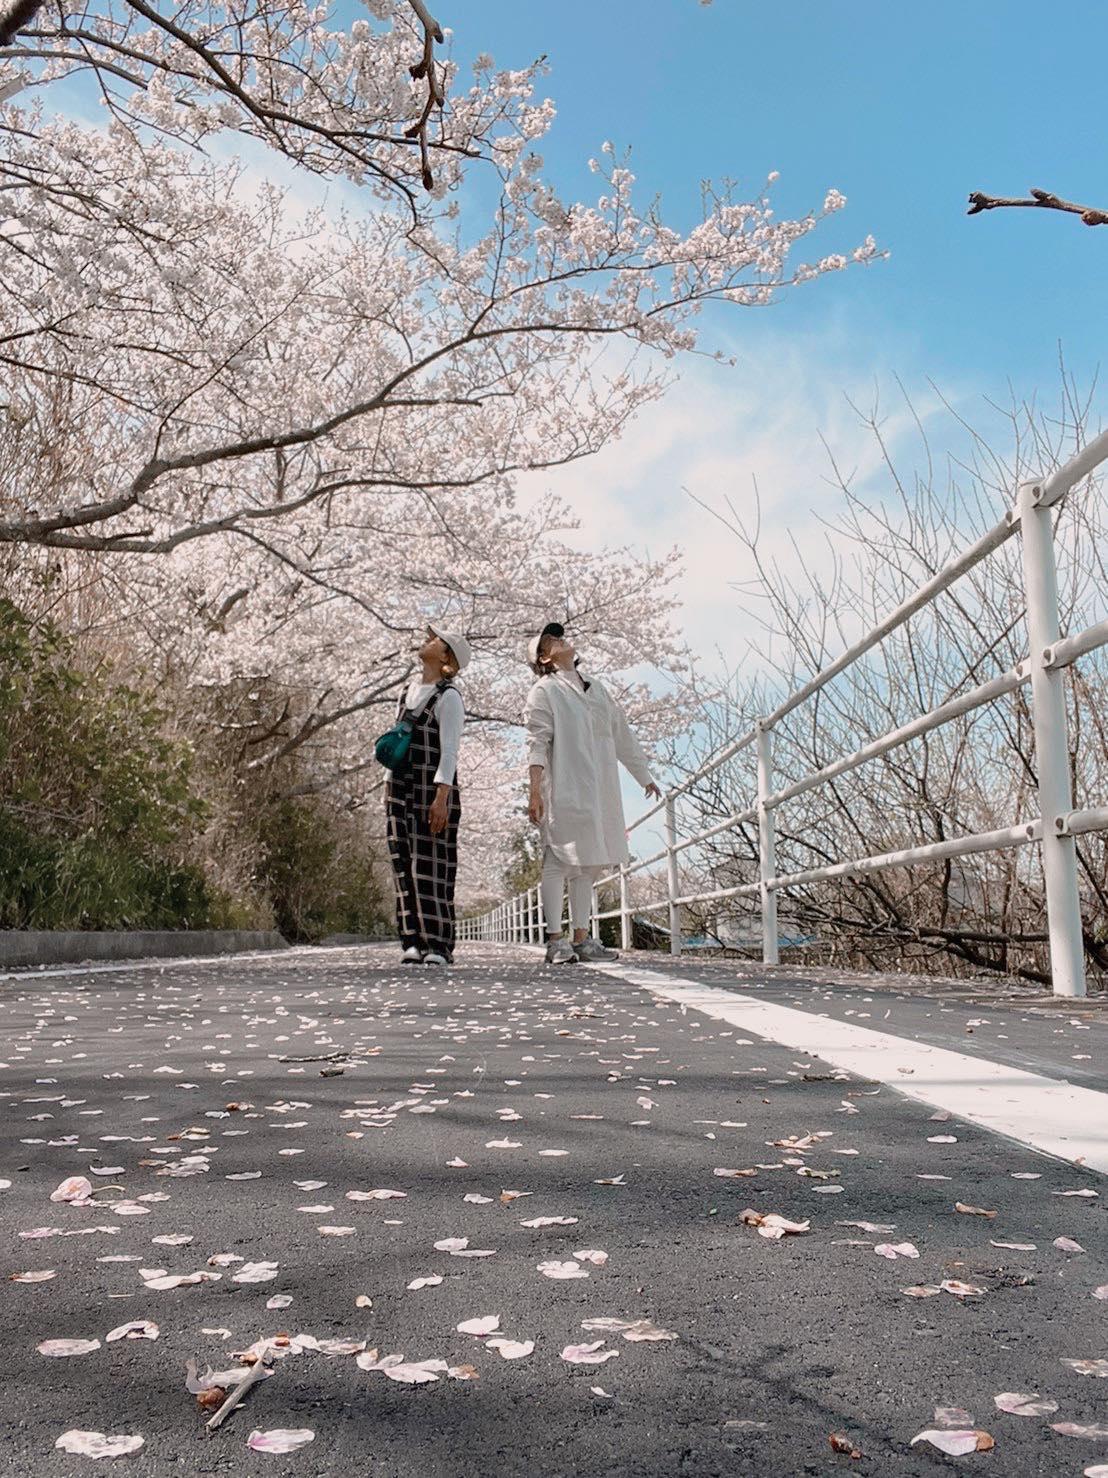 -2021 March-Naomi Morimoto From Shizuoka Hamamatsu